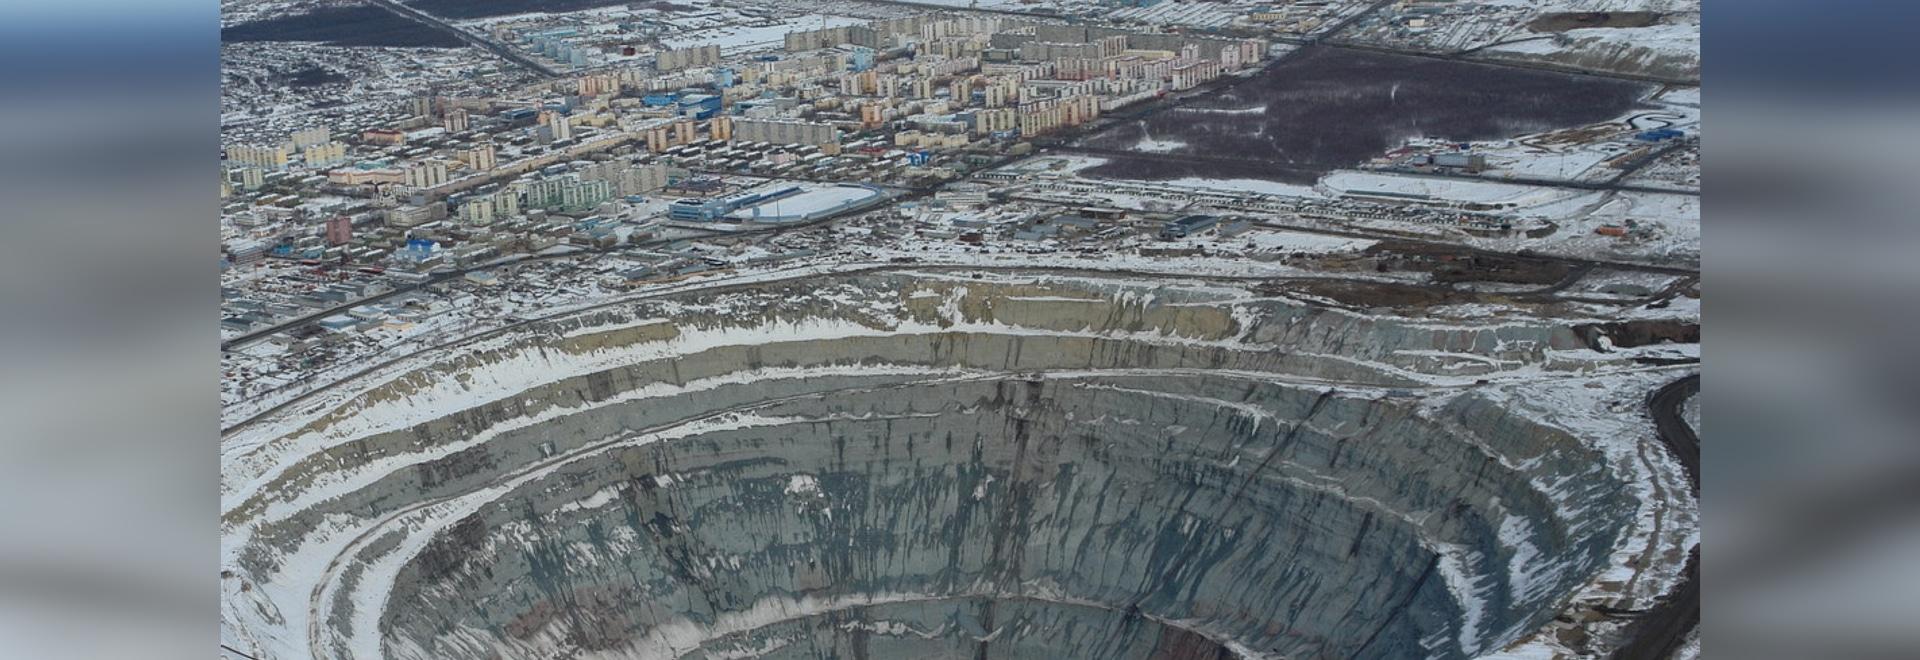 Miniera di Alrosa